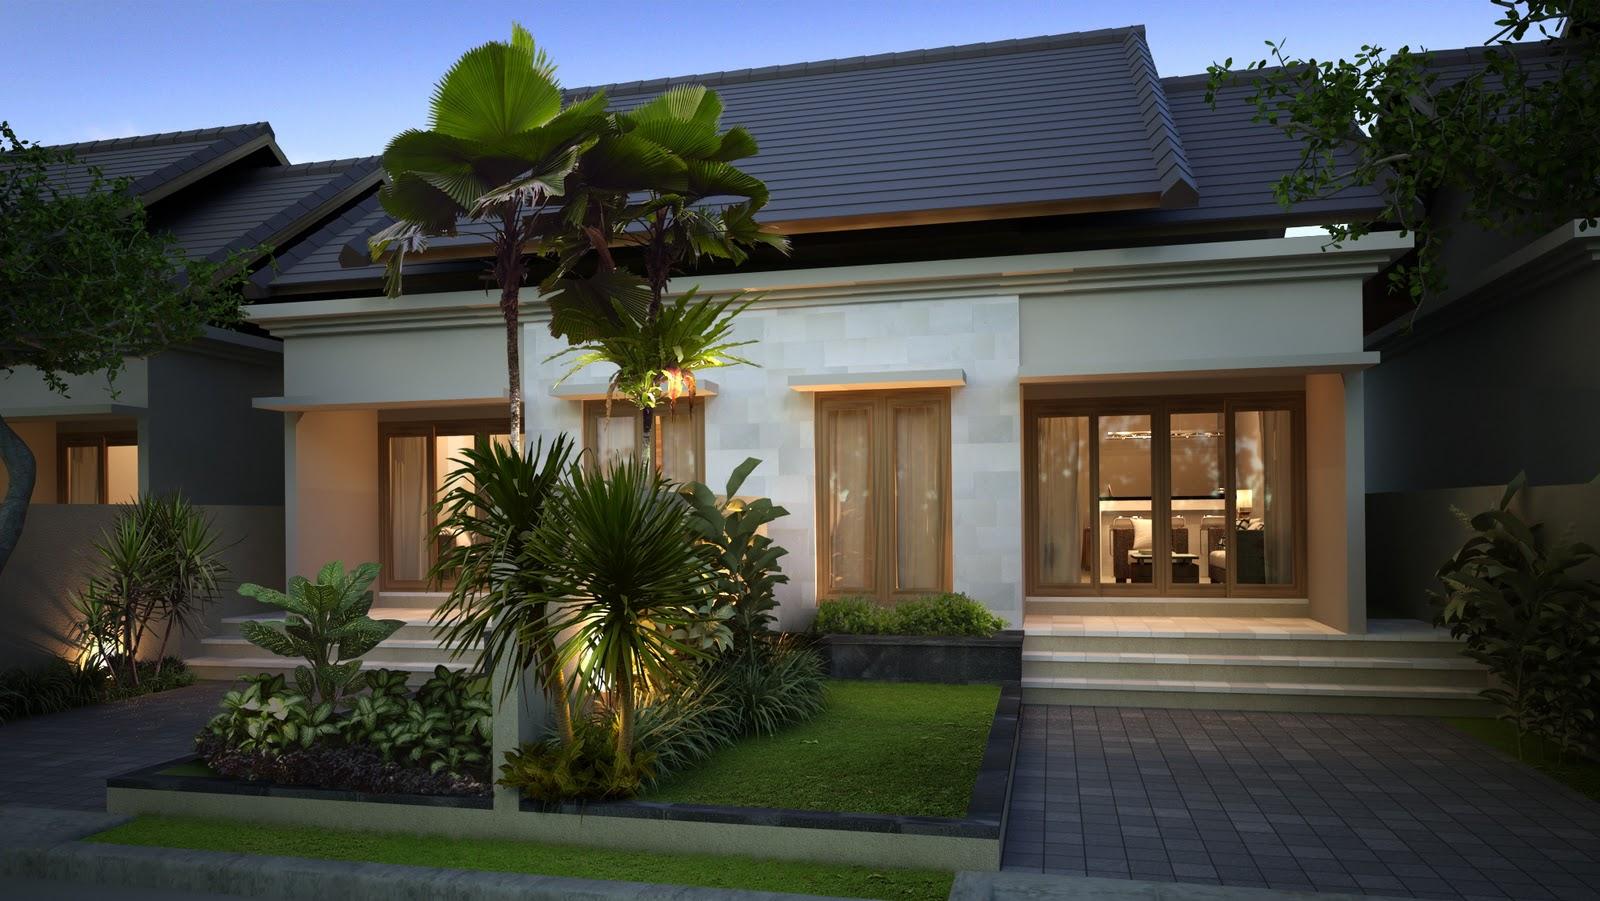 Apakah anda sedang mencari rujukan Foto Rumah Model Minimalis Contoh Foto Rumah Model Minimalis